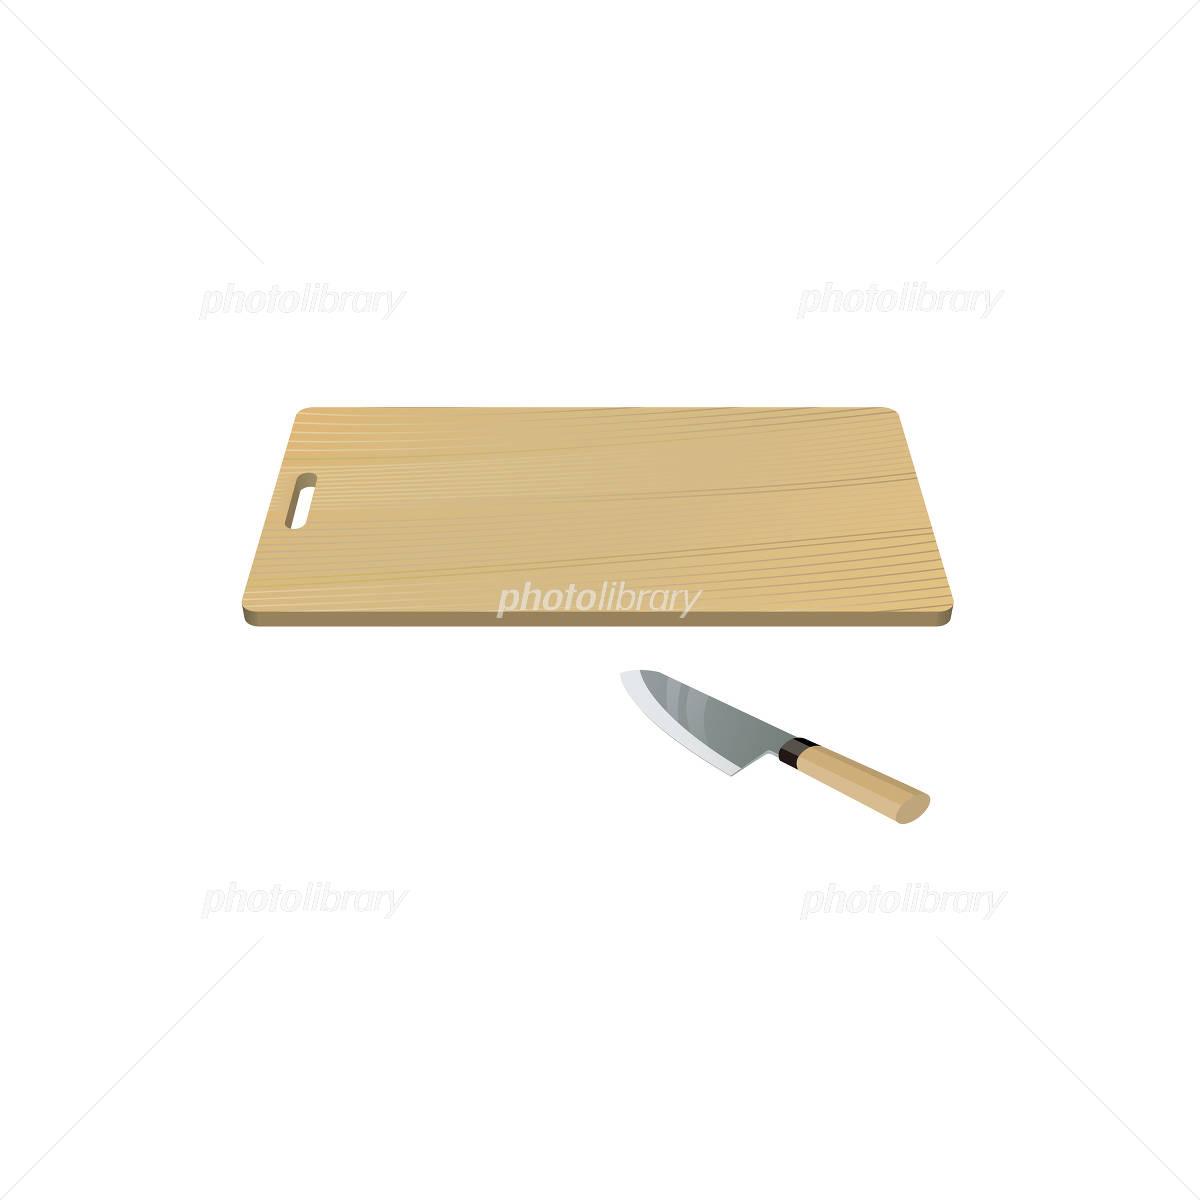 まな板と包丁のイラスト イラスト素材 1556090 フォトライブラリー